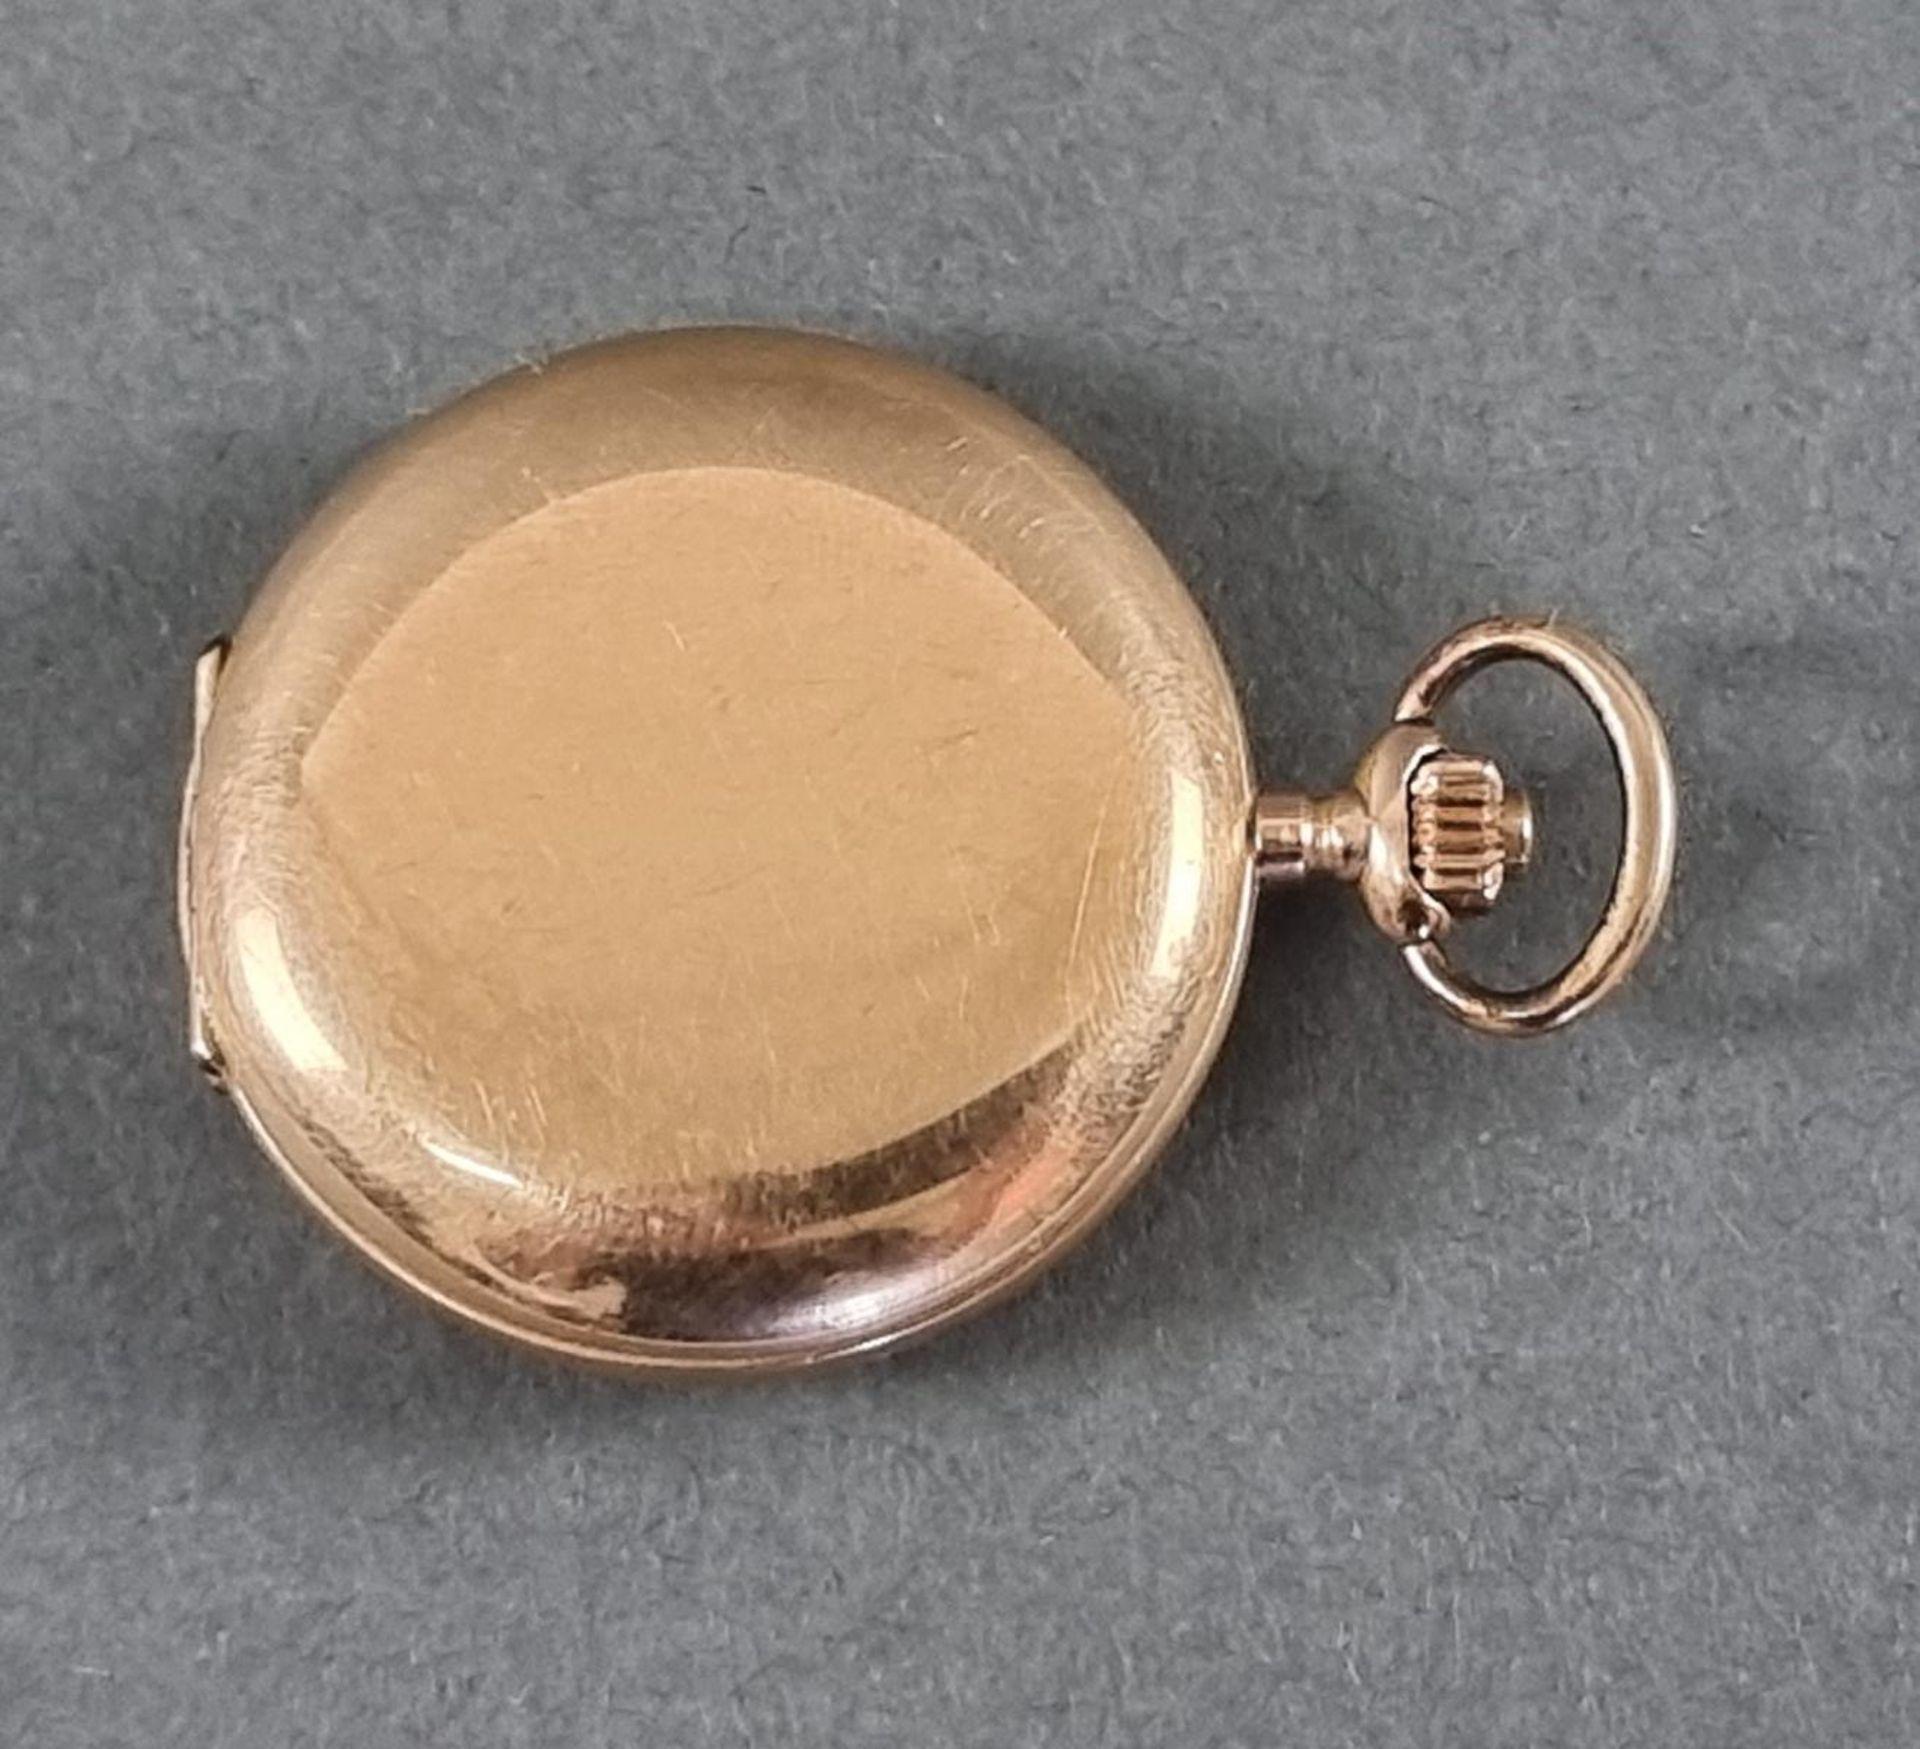 Goldene Damentaschenuhr, 14 Karat Gelbgold - Bild 7 aus 7